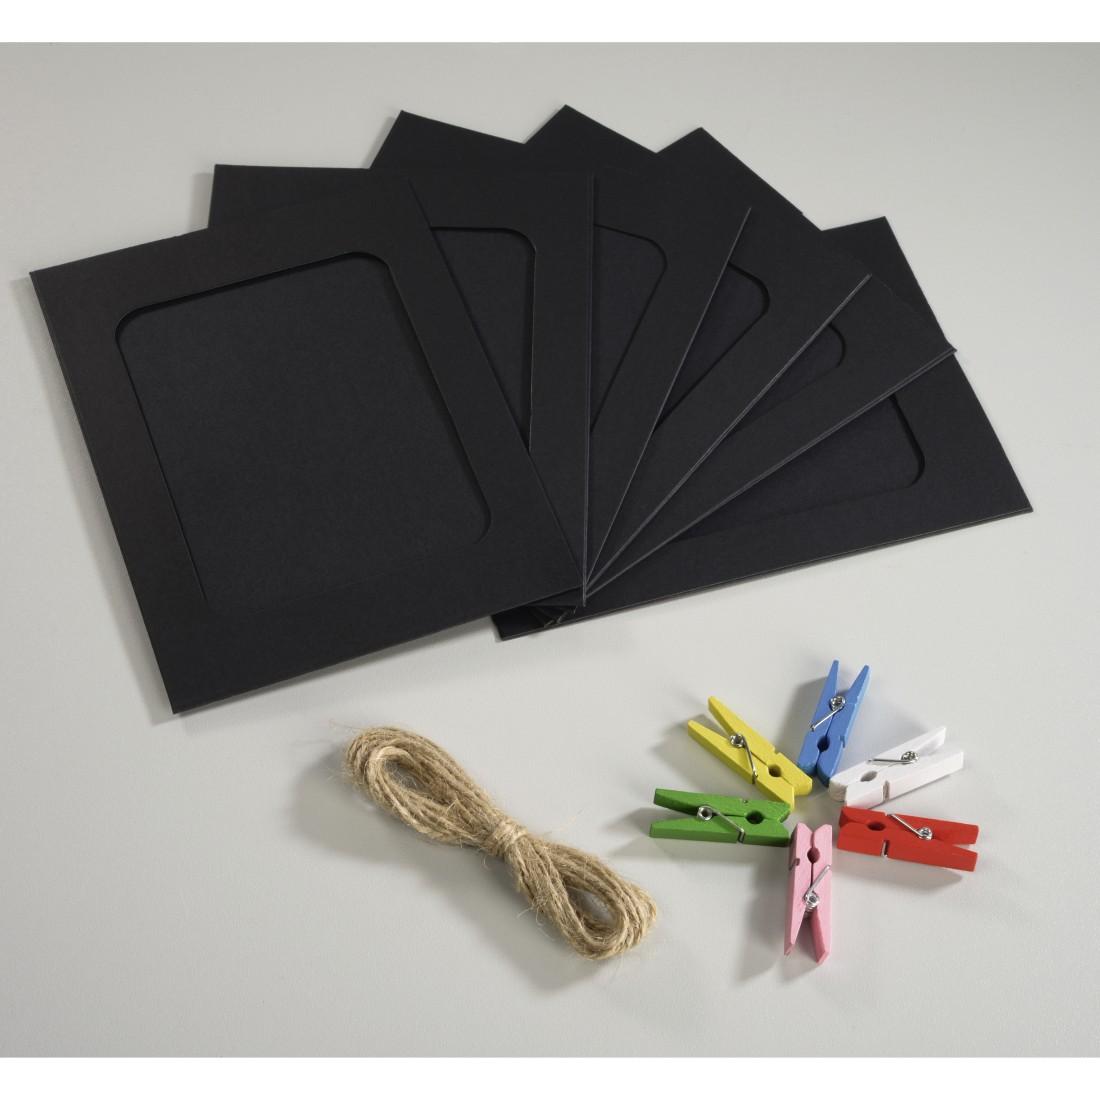 hama.de | 00001854 Hama Papierrahmen-Set mit Klammern und Schnur ...